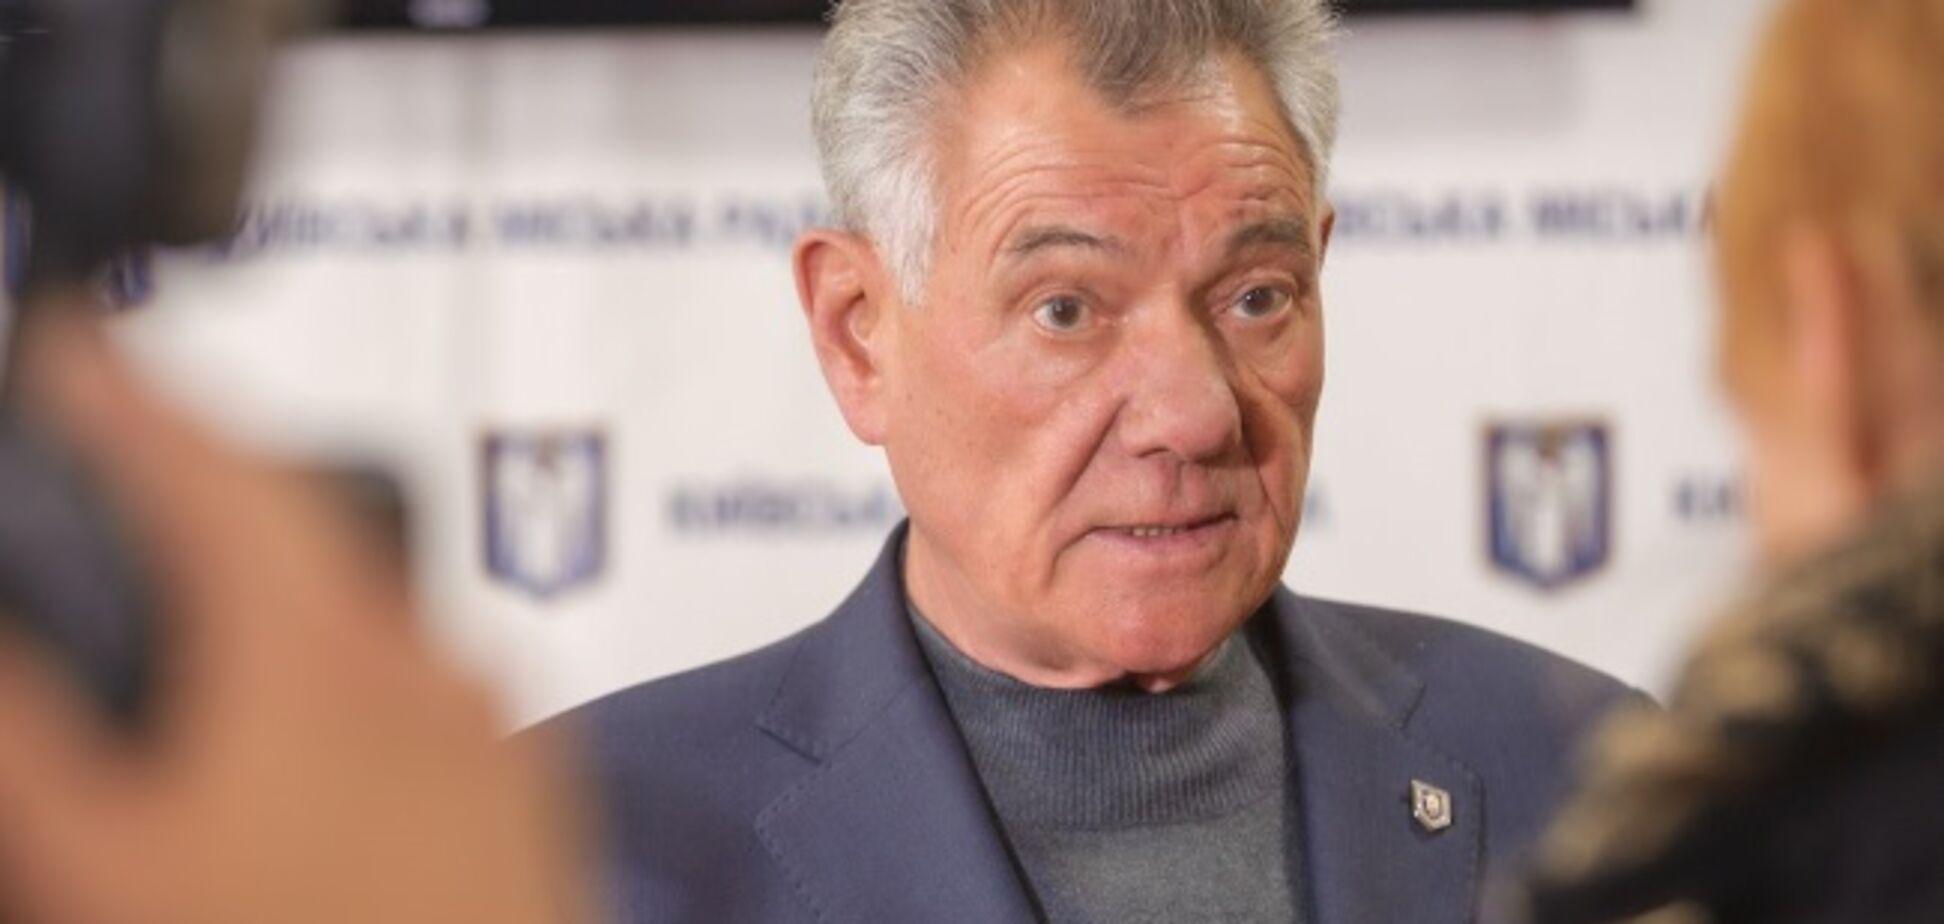 НАПК взялось за декларацию экс-мэра Киева Омельченко